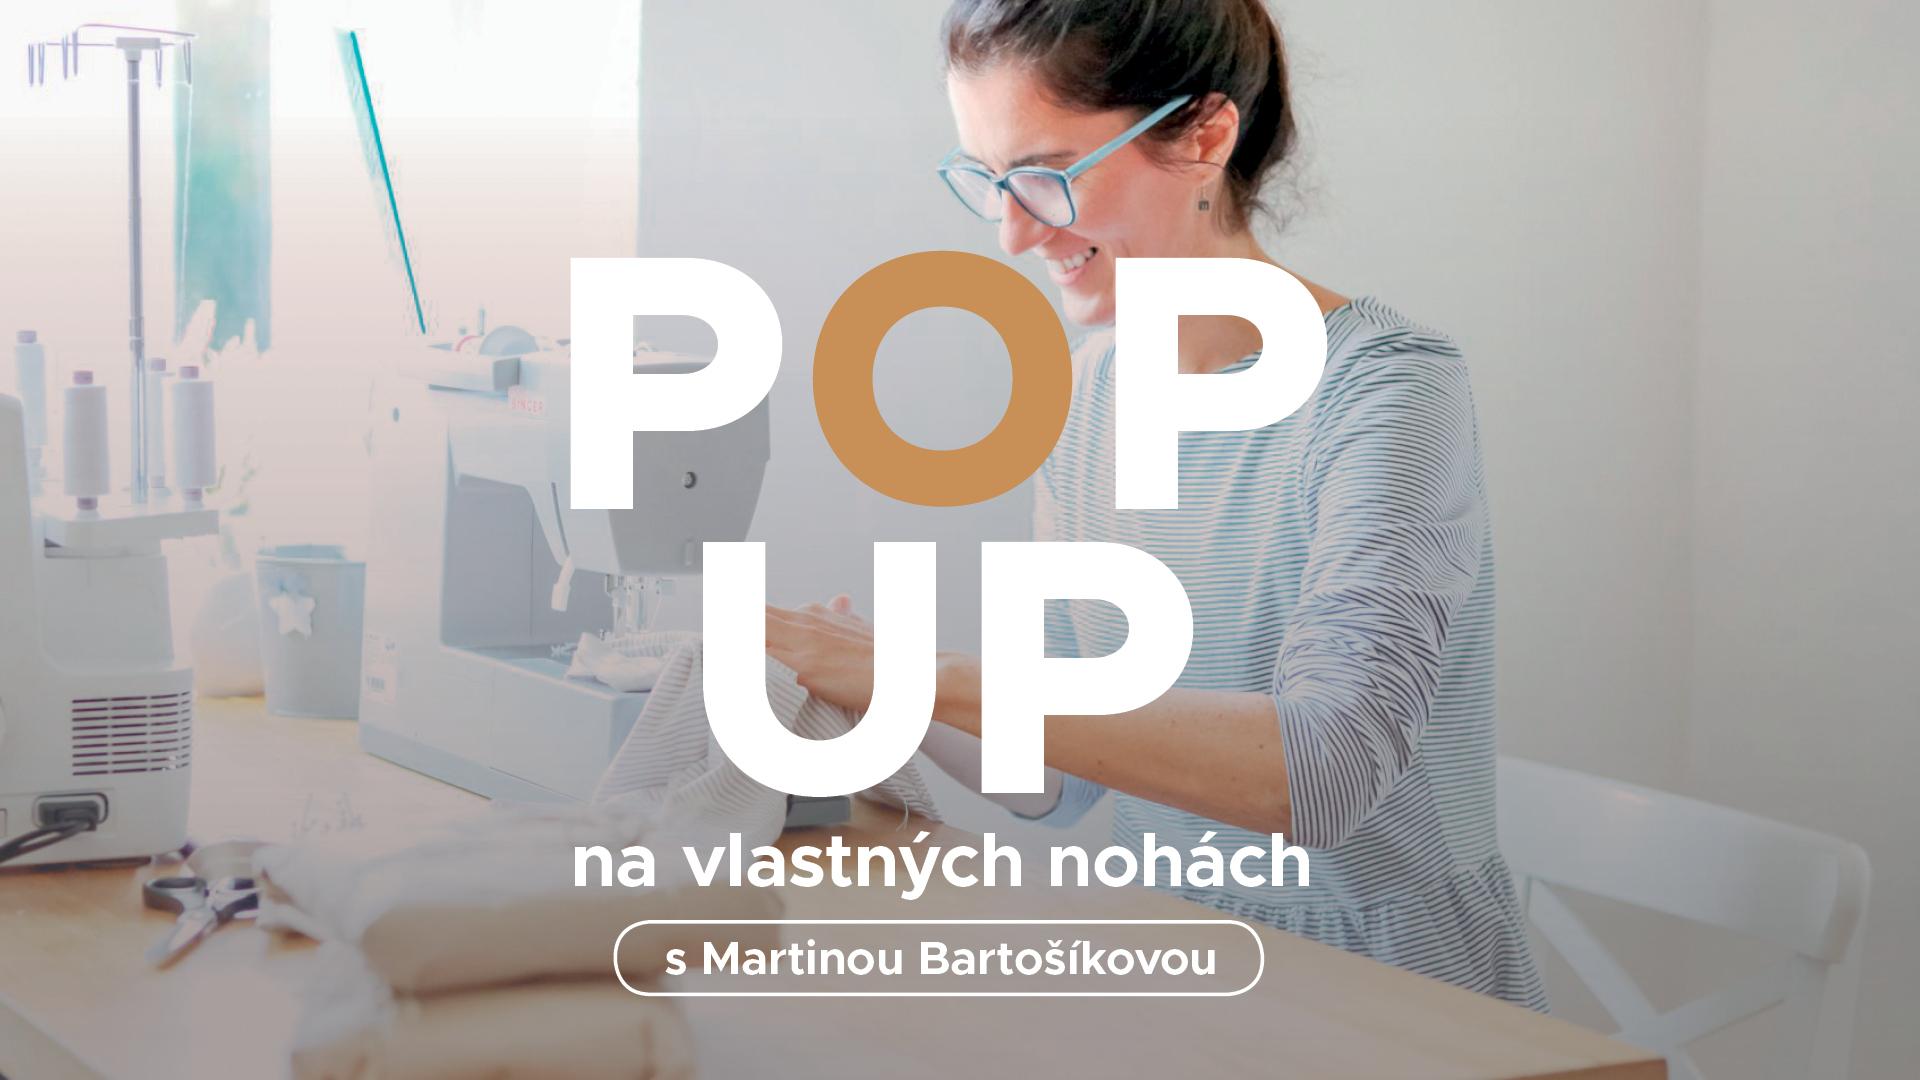 obrázok k podujatiu Na vlastných nohách POP UP s Martinou Bartošíkovou